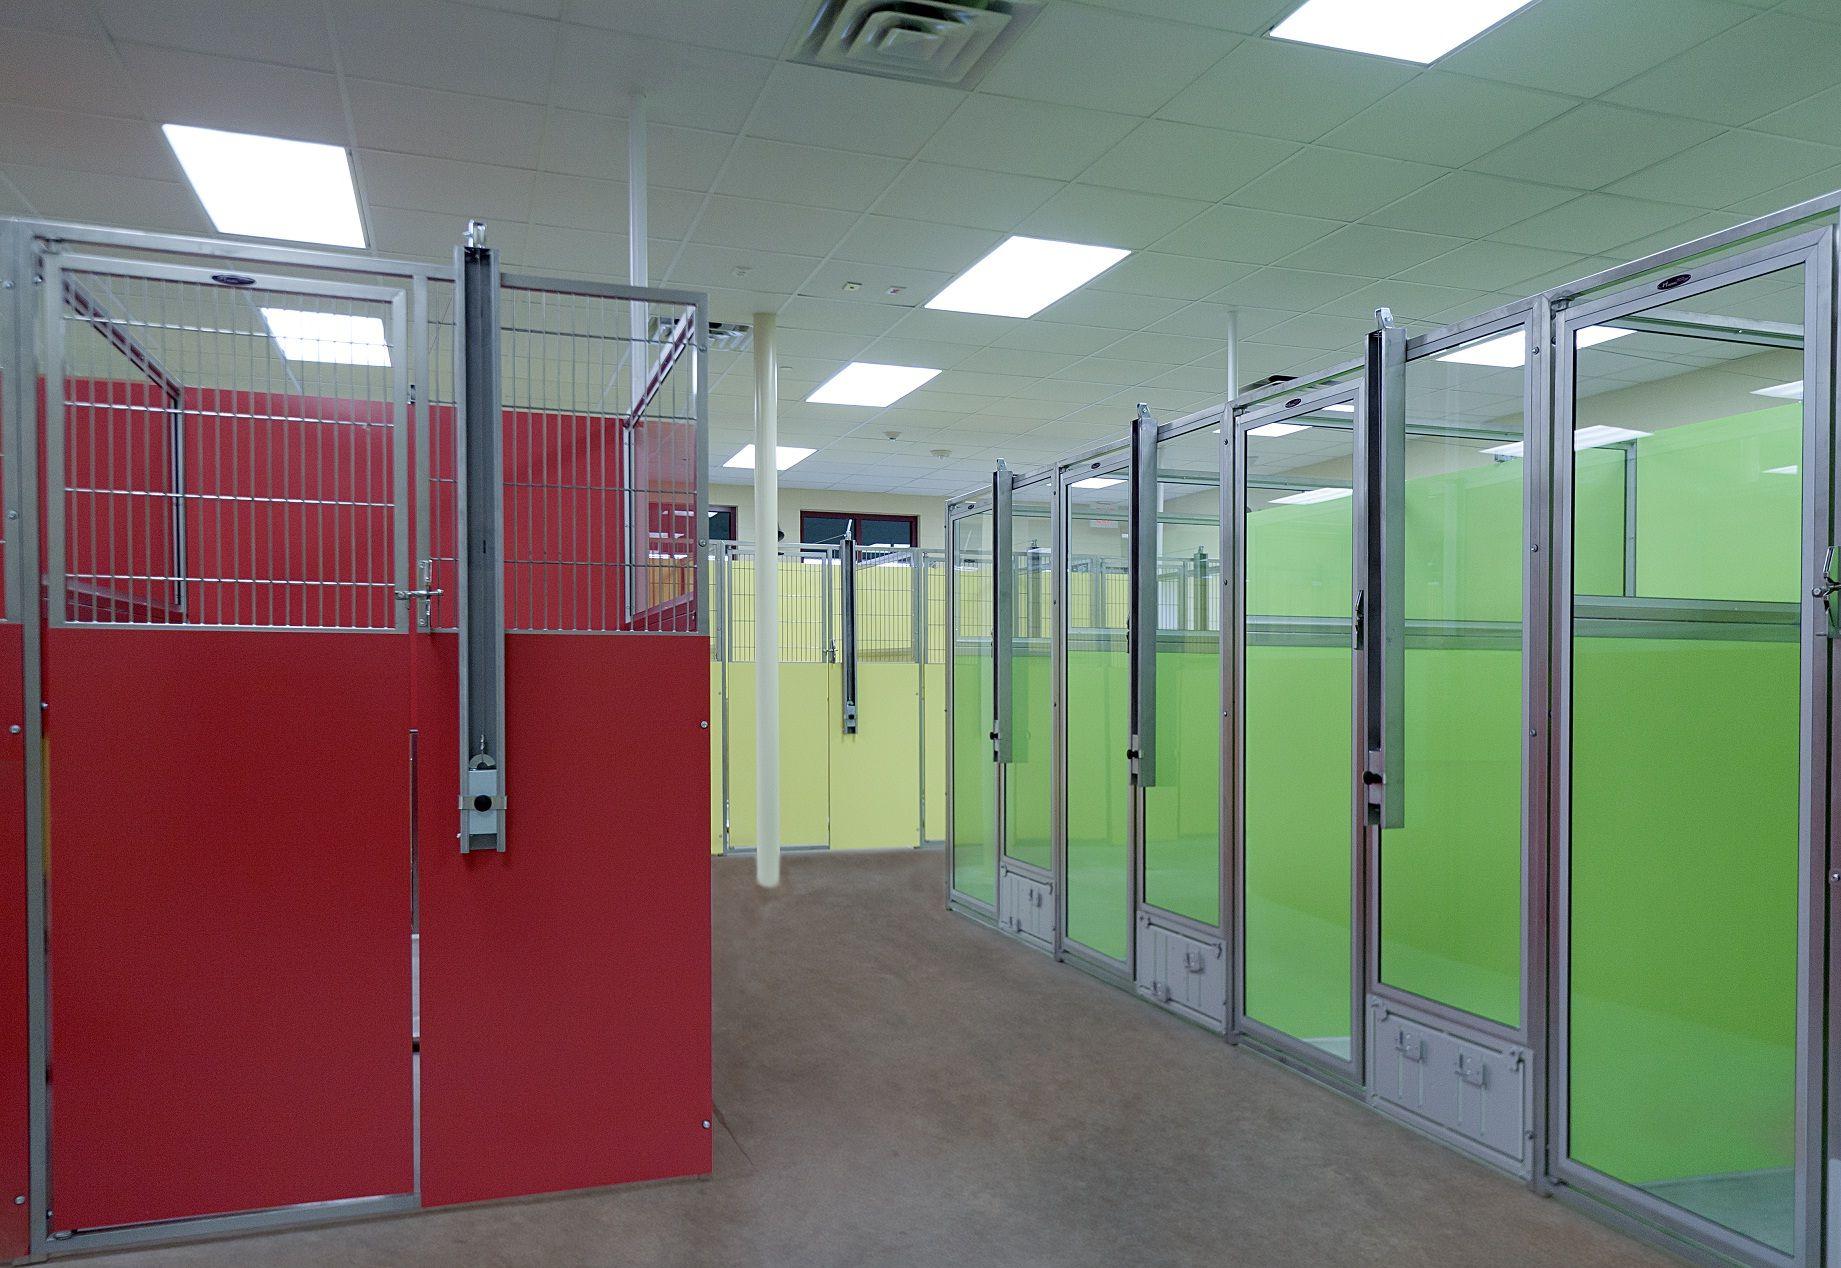 Shor line t kennel kennel system animal holding pinterest dog kennel designs dog boarding for Interior design services plano